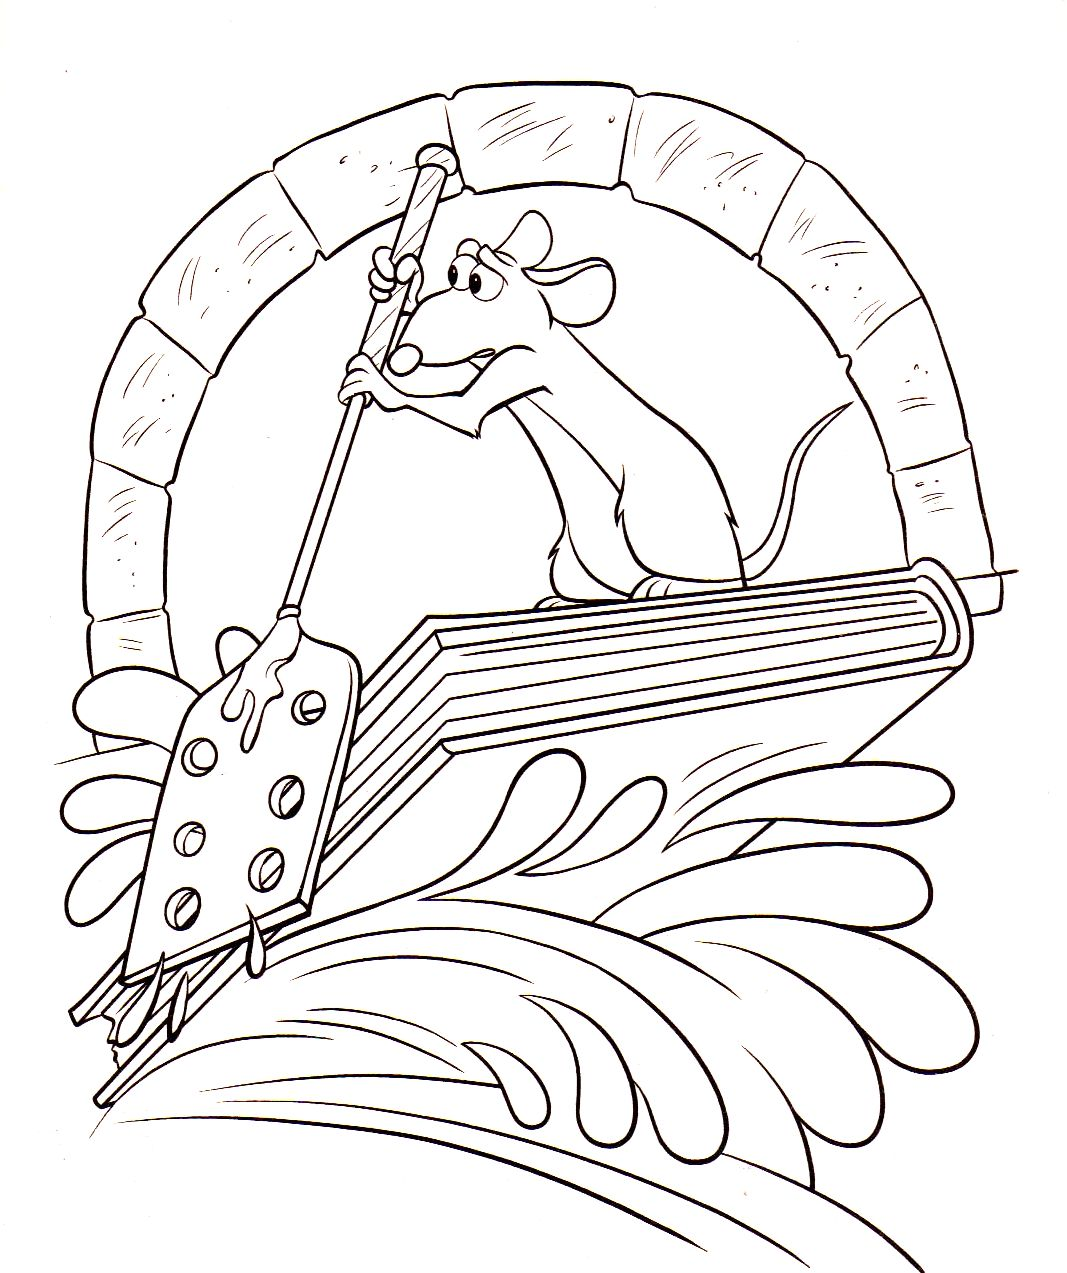 Coloriage a imprimer ratatouille remy rame gratuit et colorier - Dessin anime ratatouille gratuit ...